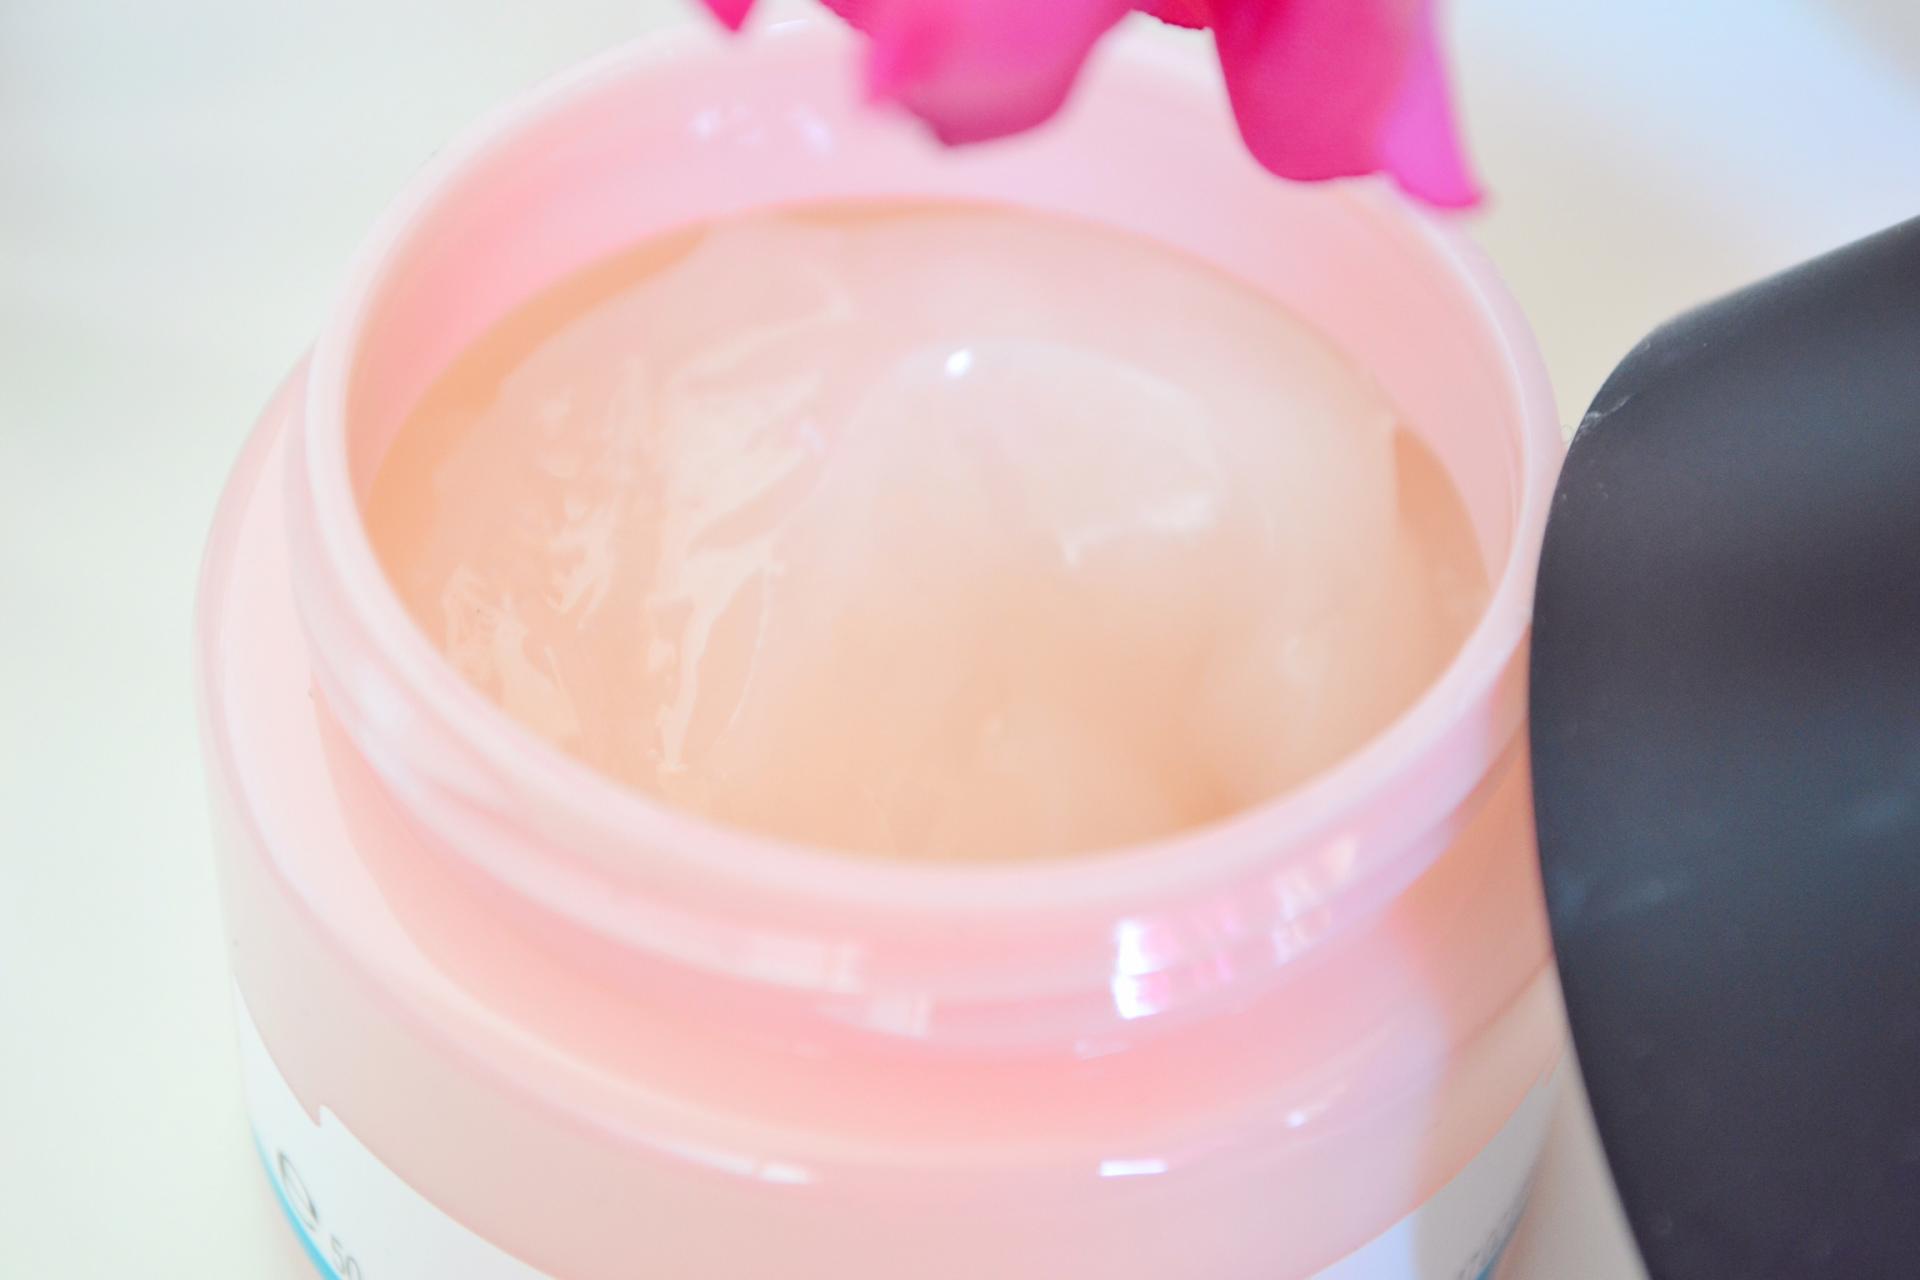 the-body-shop-vitamin-e-moisturiser